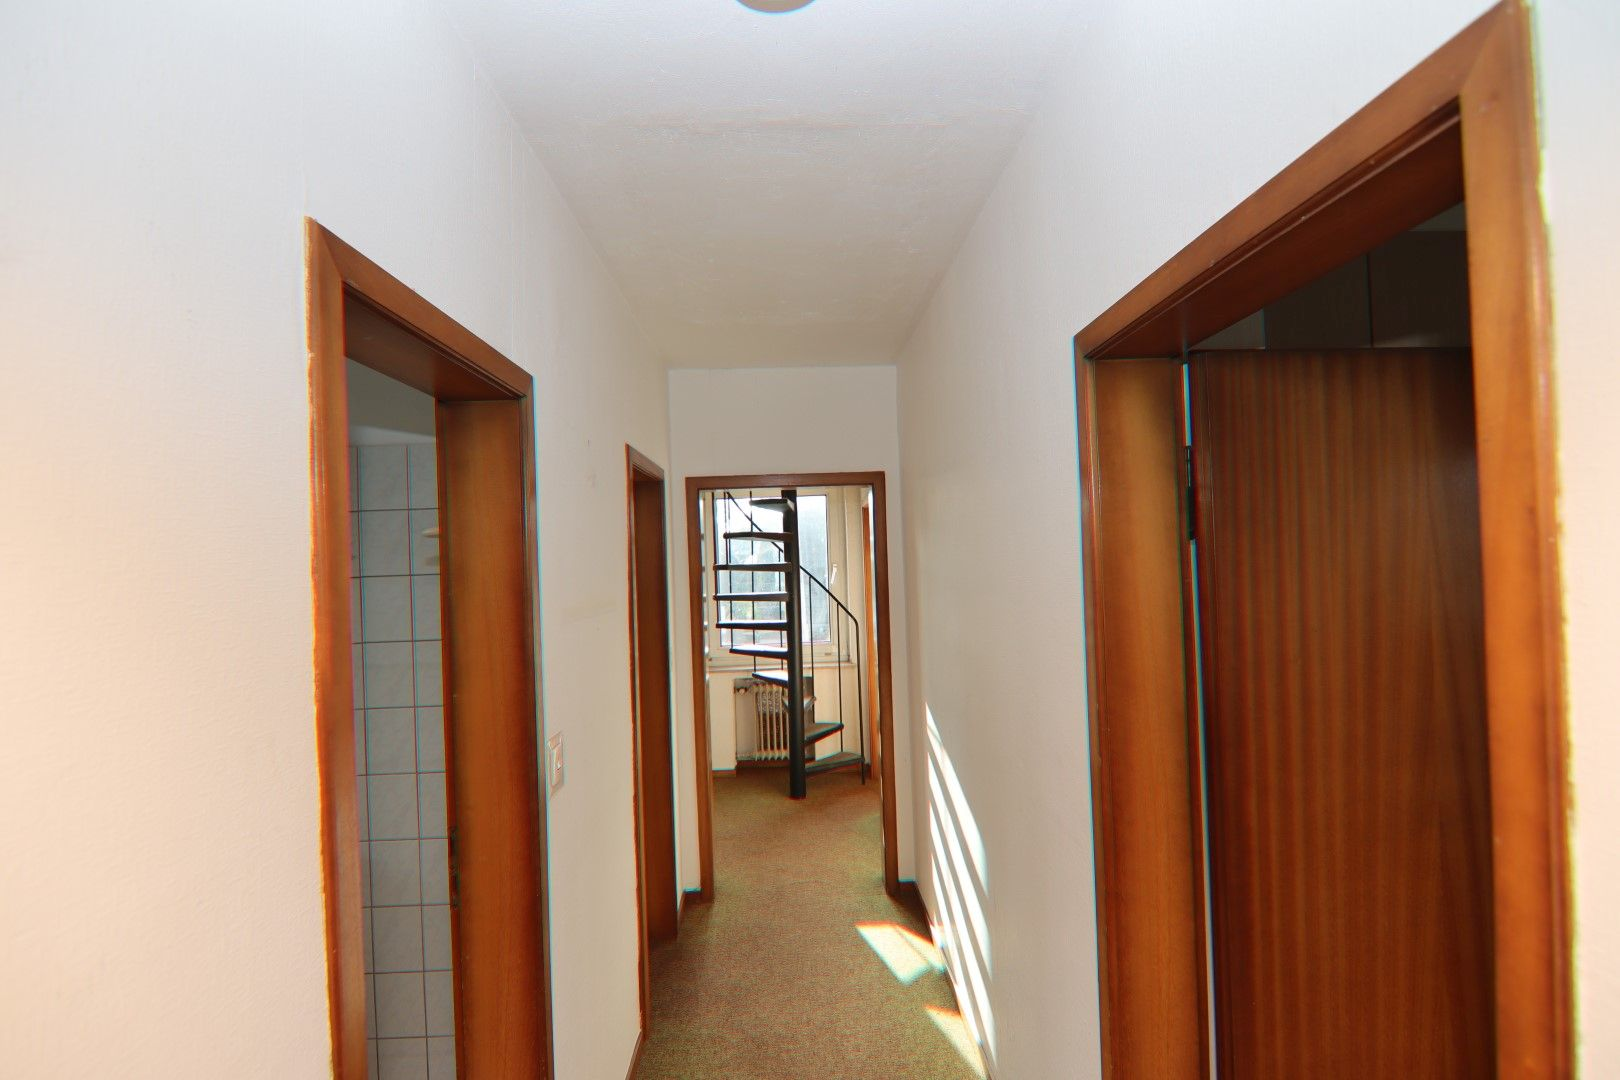 Immobilie Nr.0279 - Freistehendes EFH mit Anbau, Keller und Garage - Bild 9.jpg